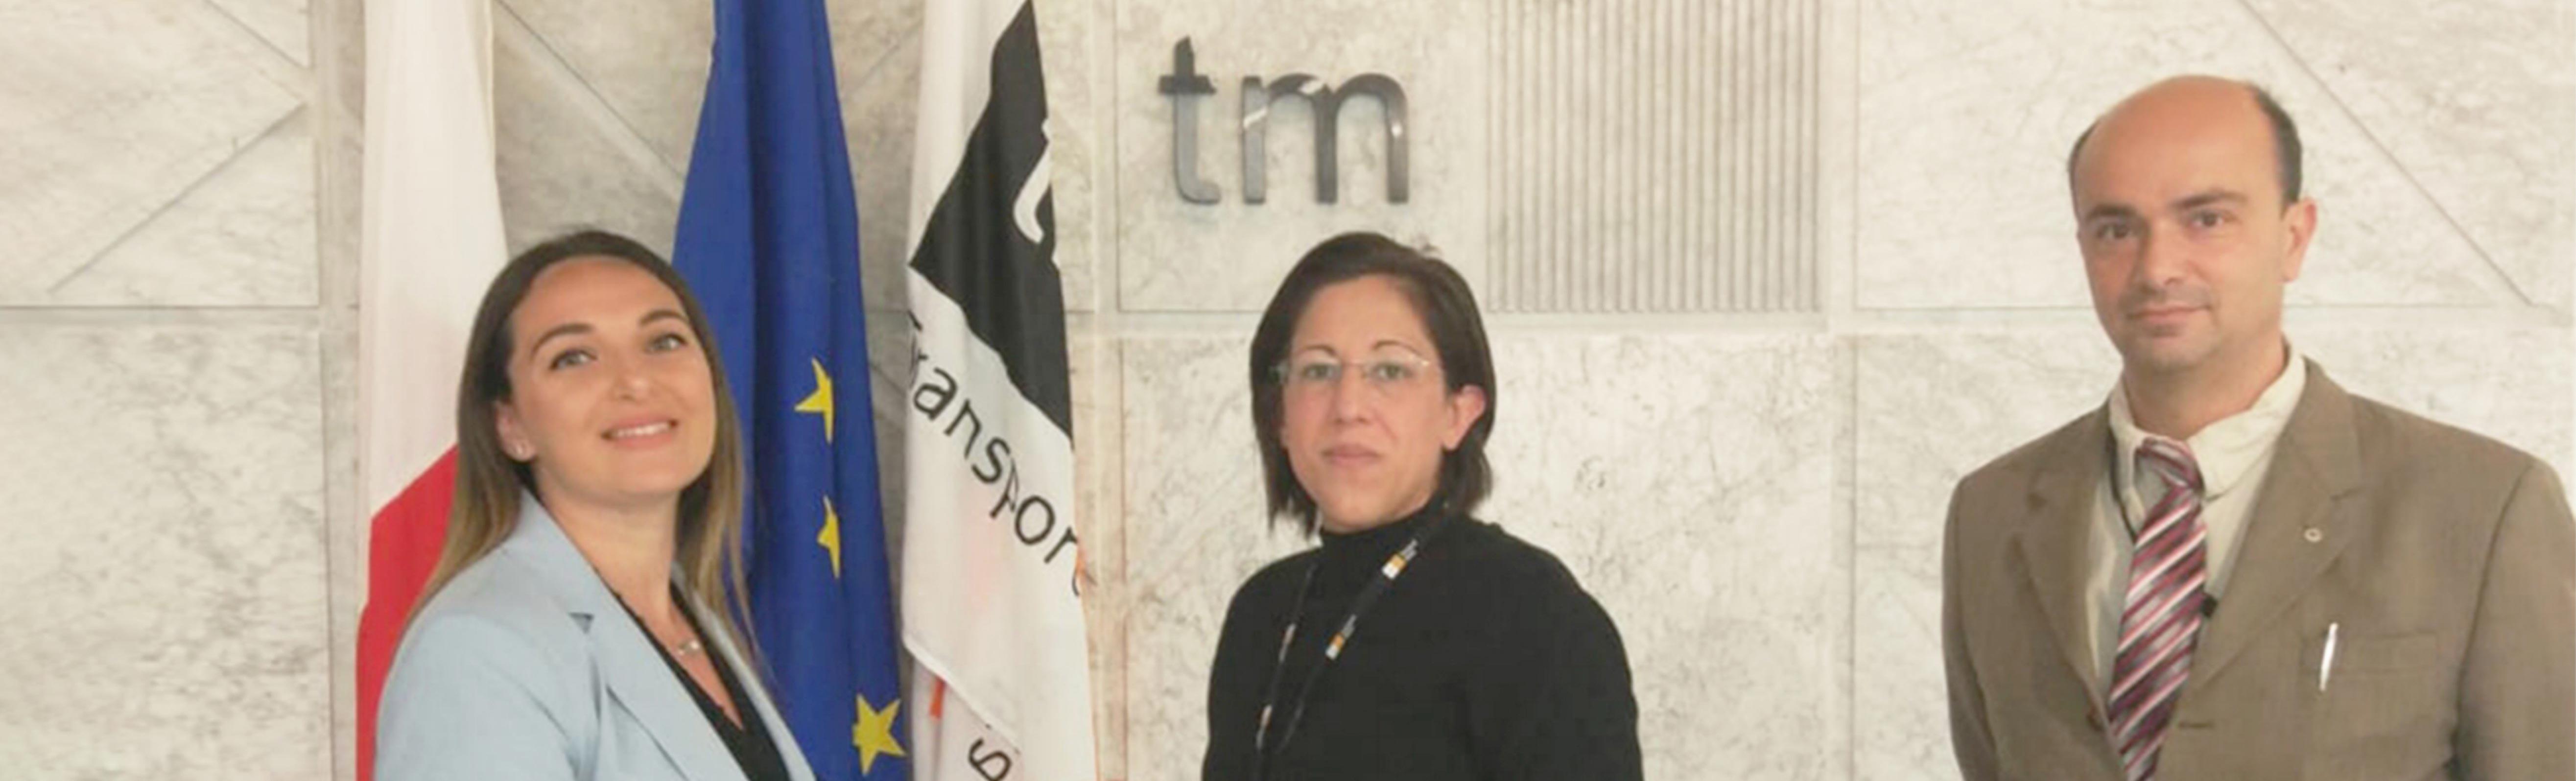 TAG全球培训获得马尔他交通部的CCTO认证